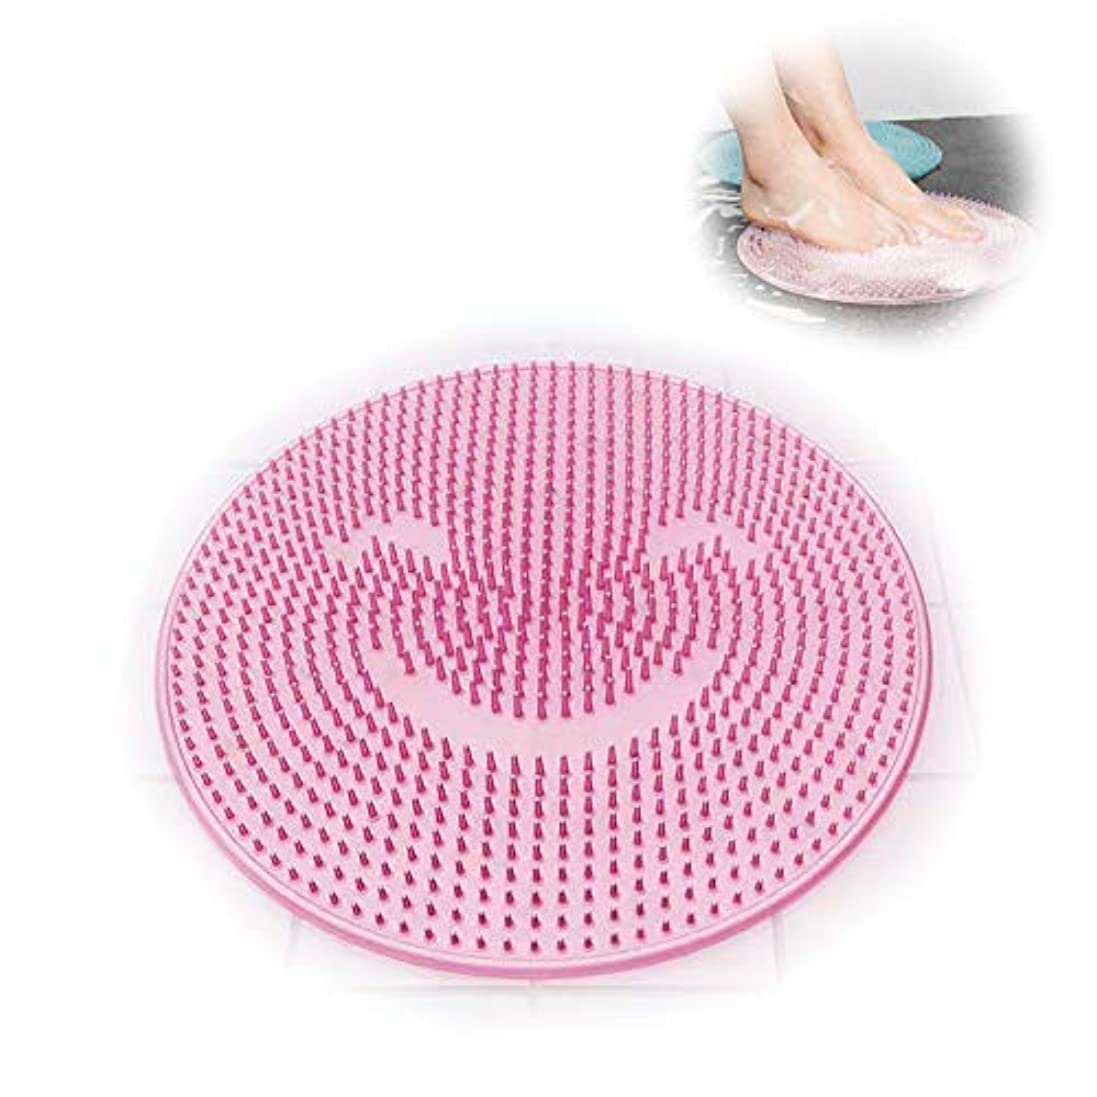 考古学者ディレクトリスイングSHOOTING 足洗い用 バスマット 足洗いマット フット 汚れ角質除去 ストレス解消 (ピンク)